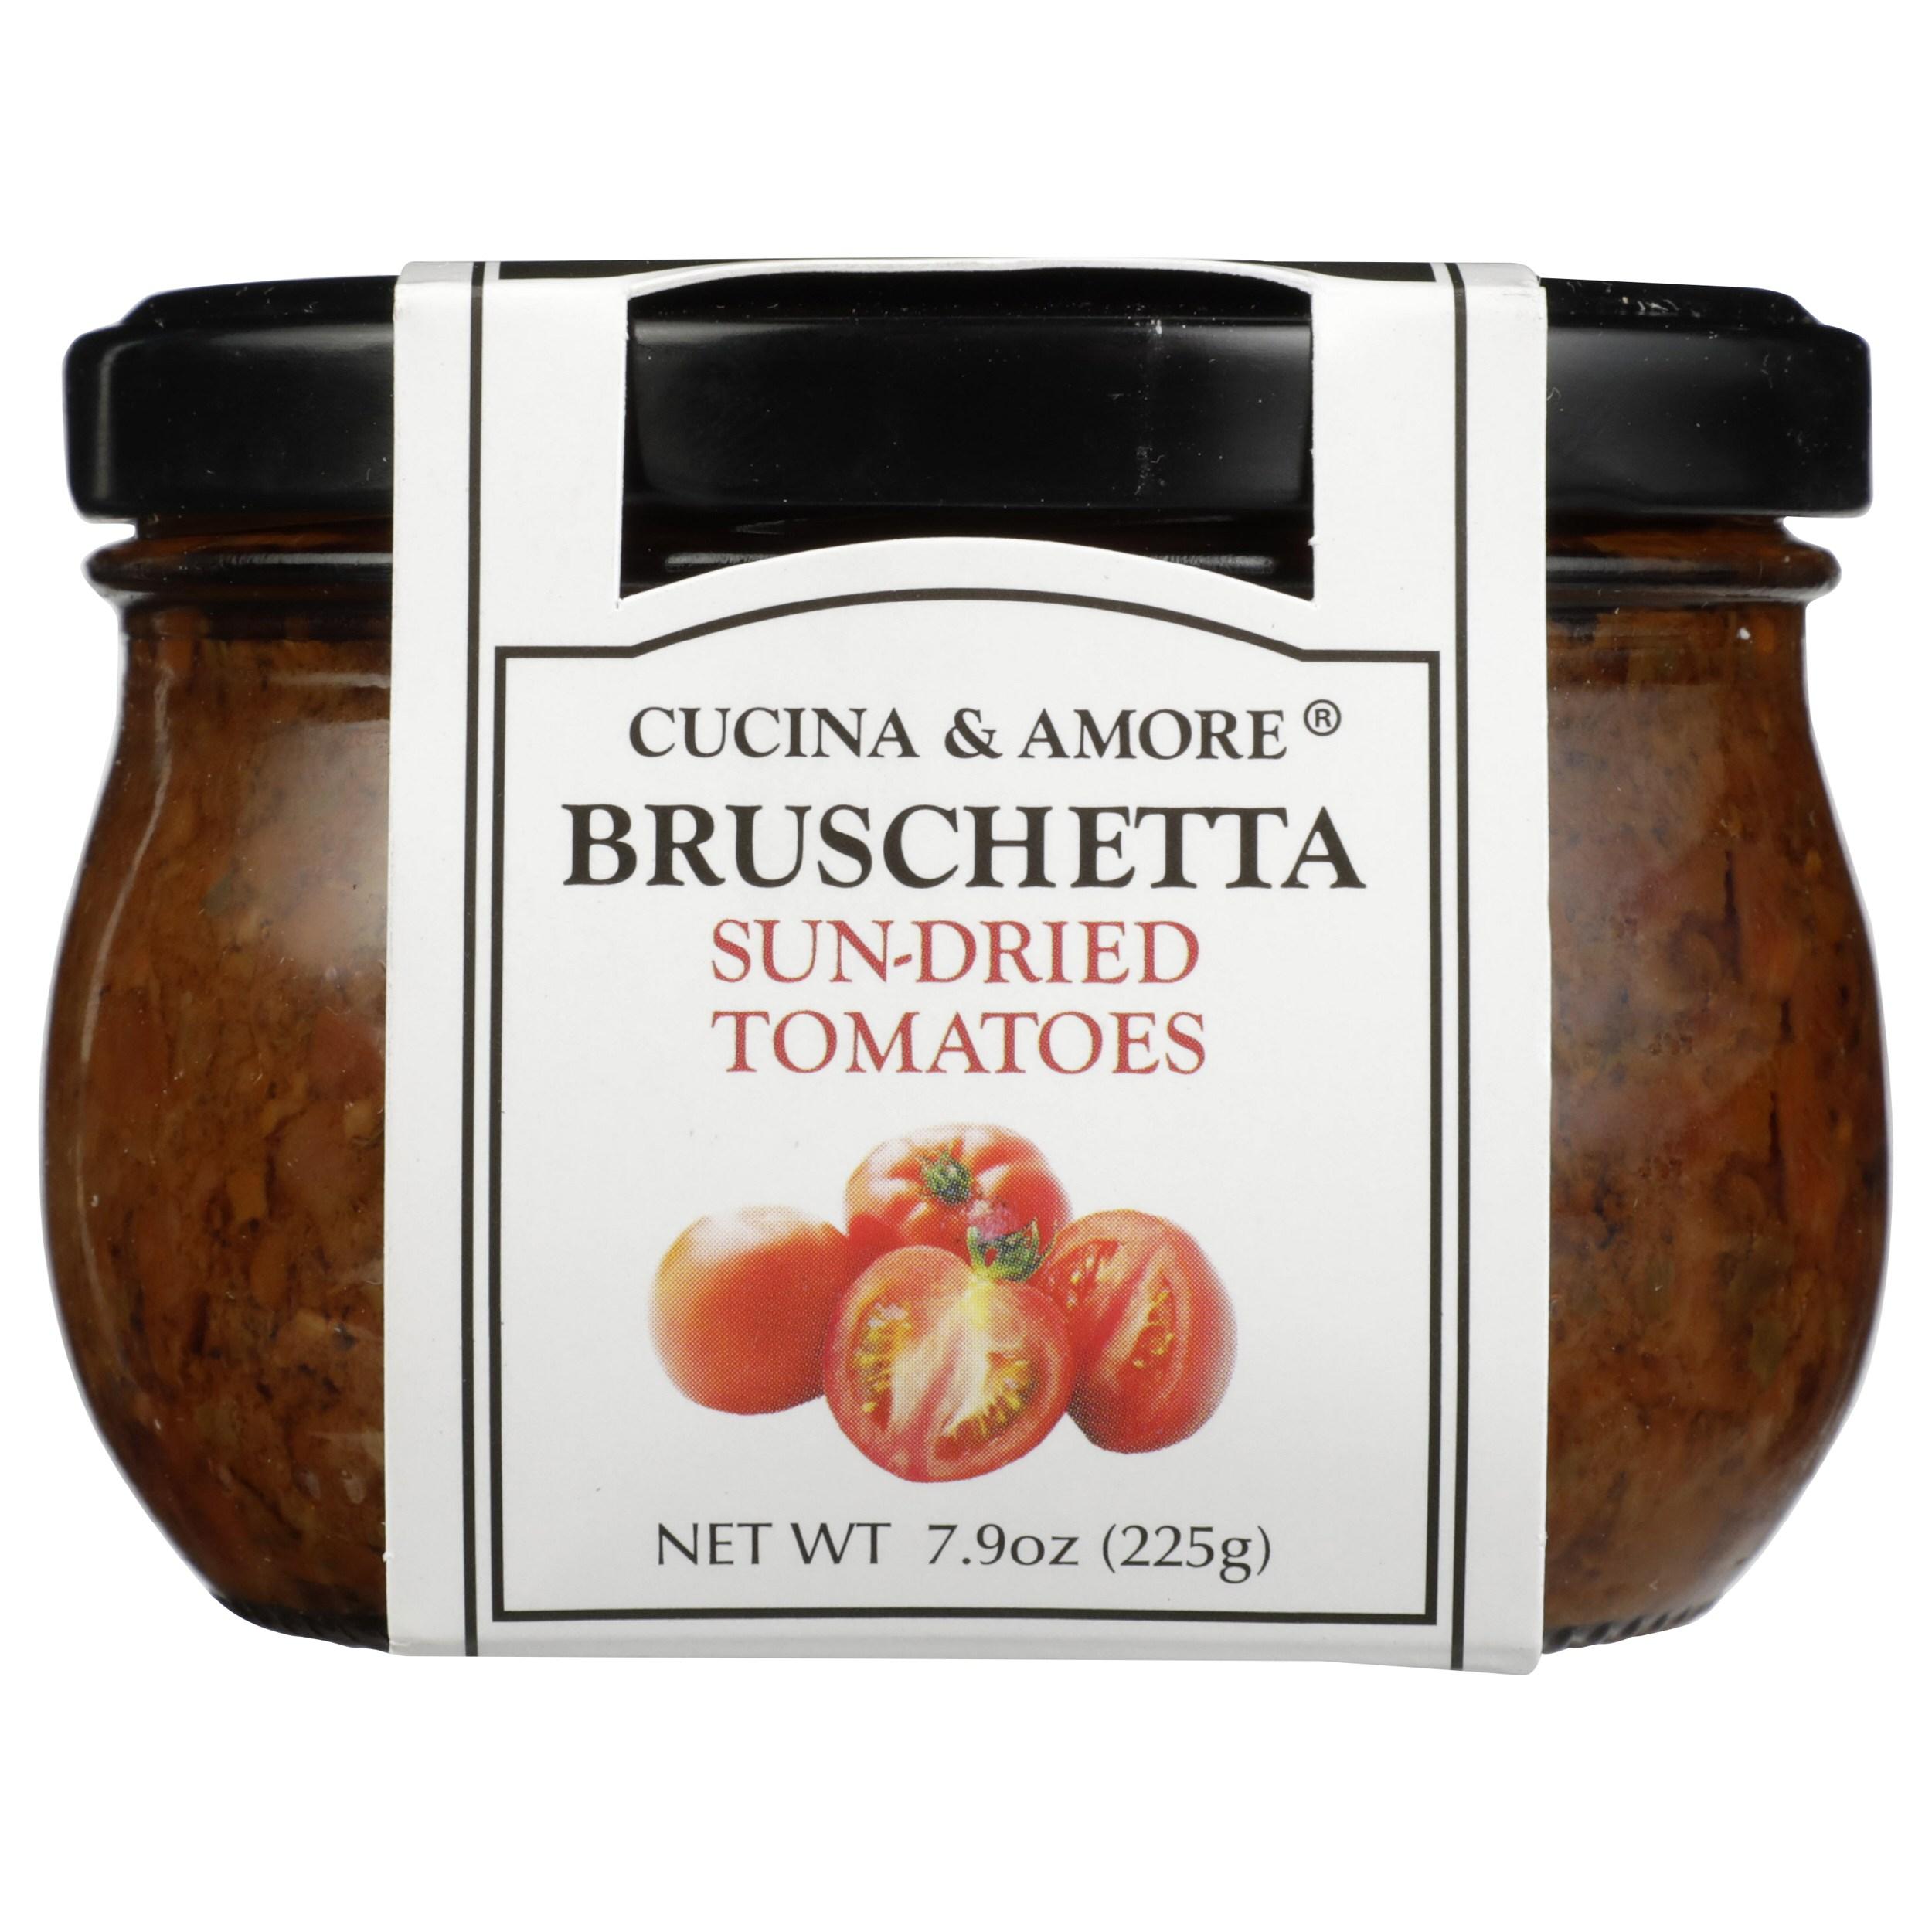 쿠치나앤아모레 브루스케타 선-드라이드 토마토 소스, 225g, 1개